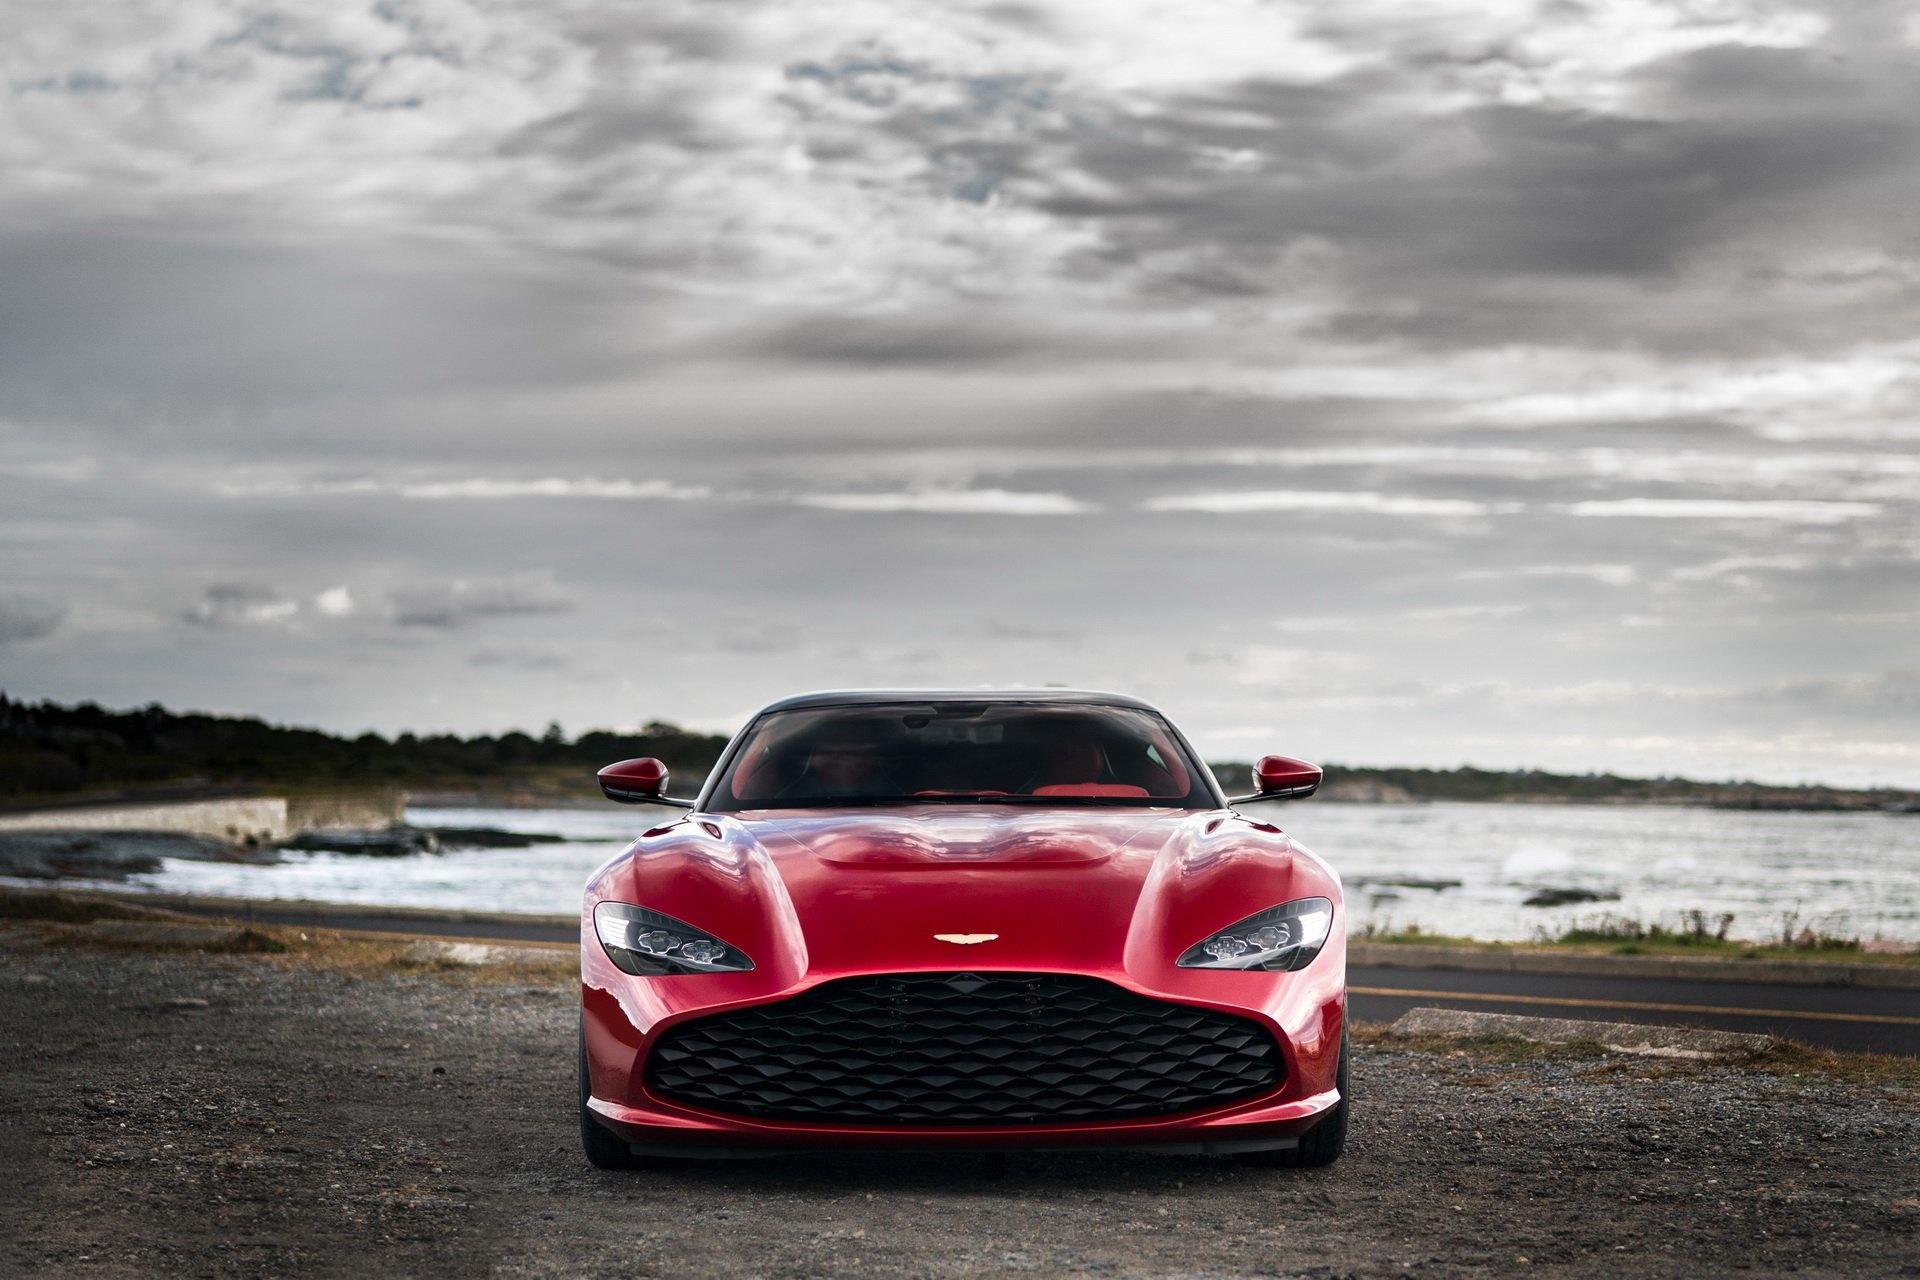 Aston Martin ra mat sieu xe dat vang gia trieu USD hinh anh 5